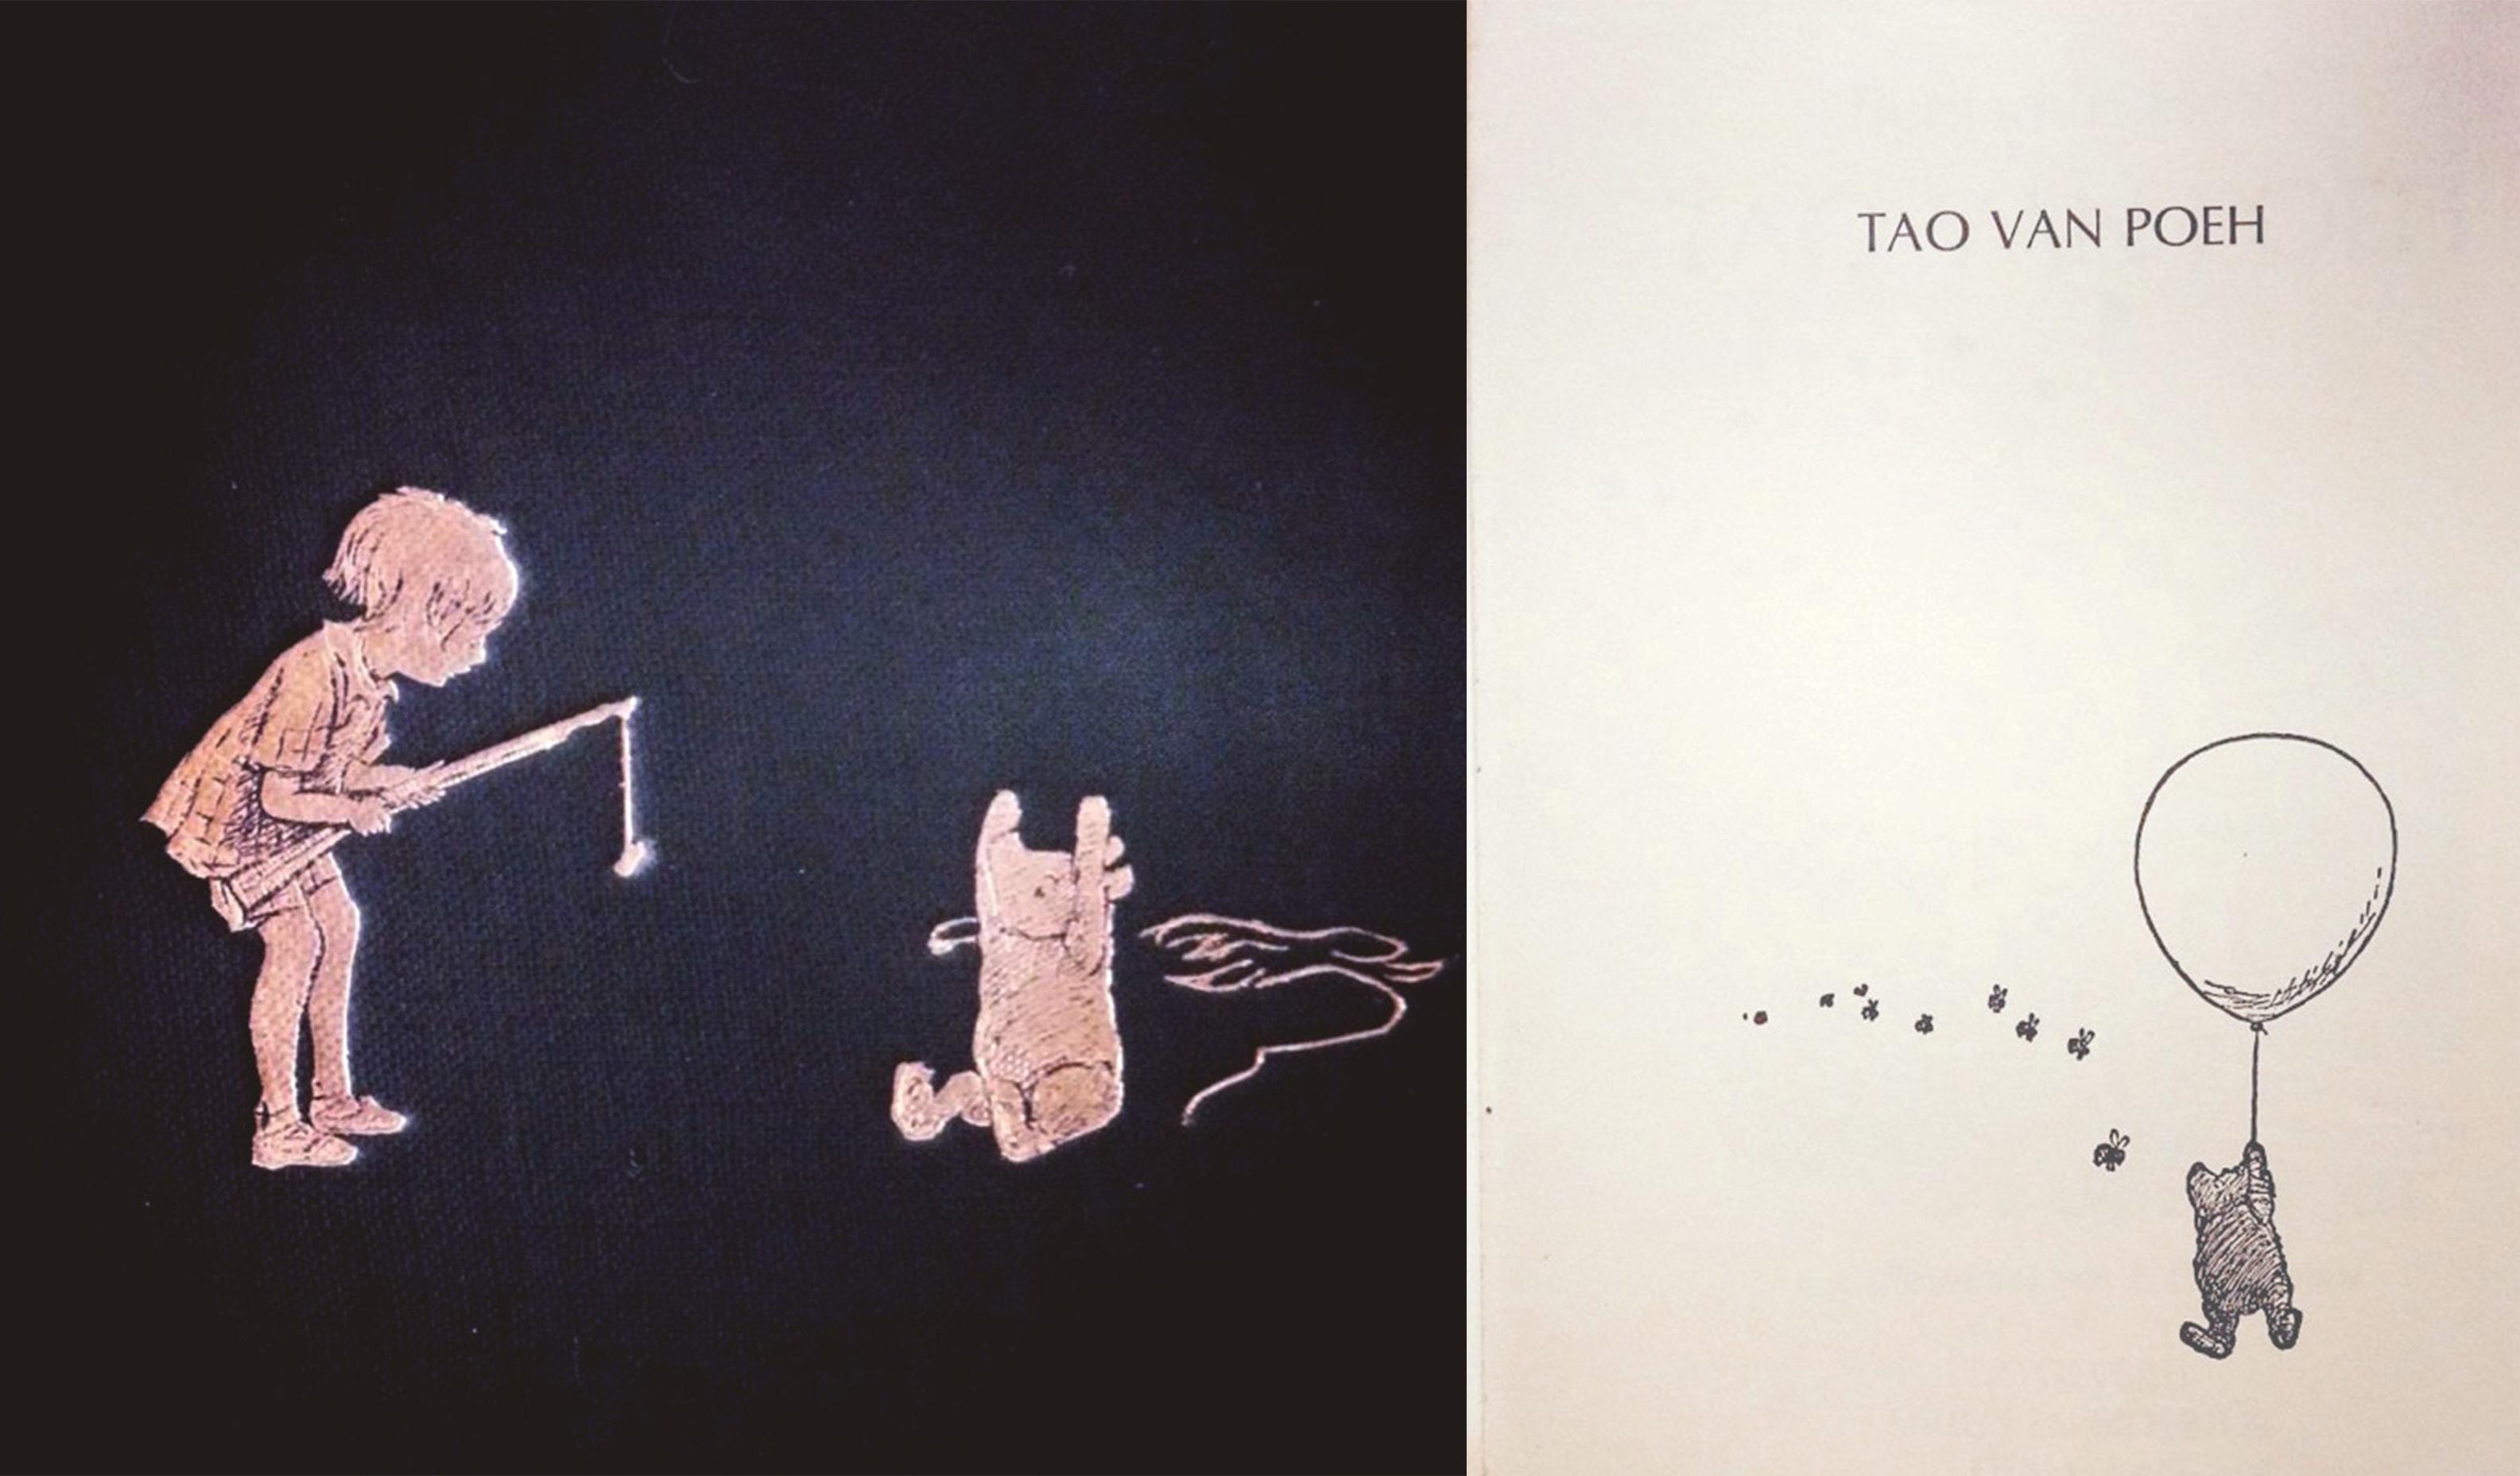 Citaten Uit De Tao Van Poeh : The ritman library tao van poeh